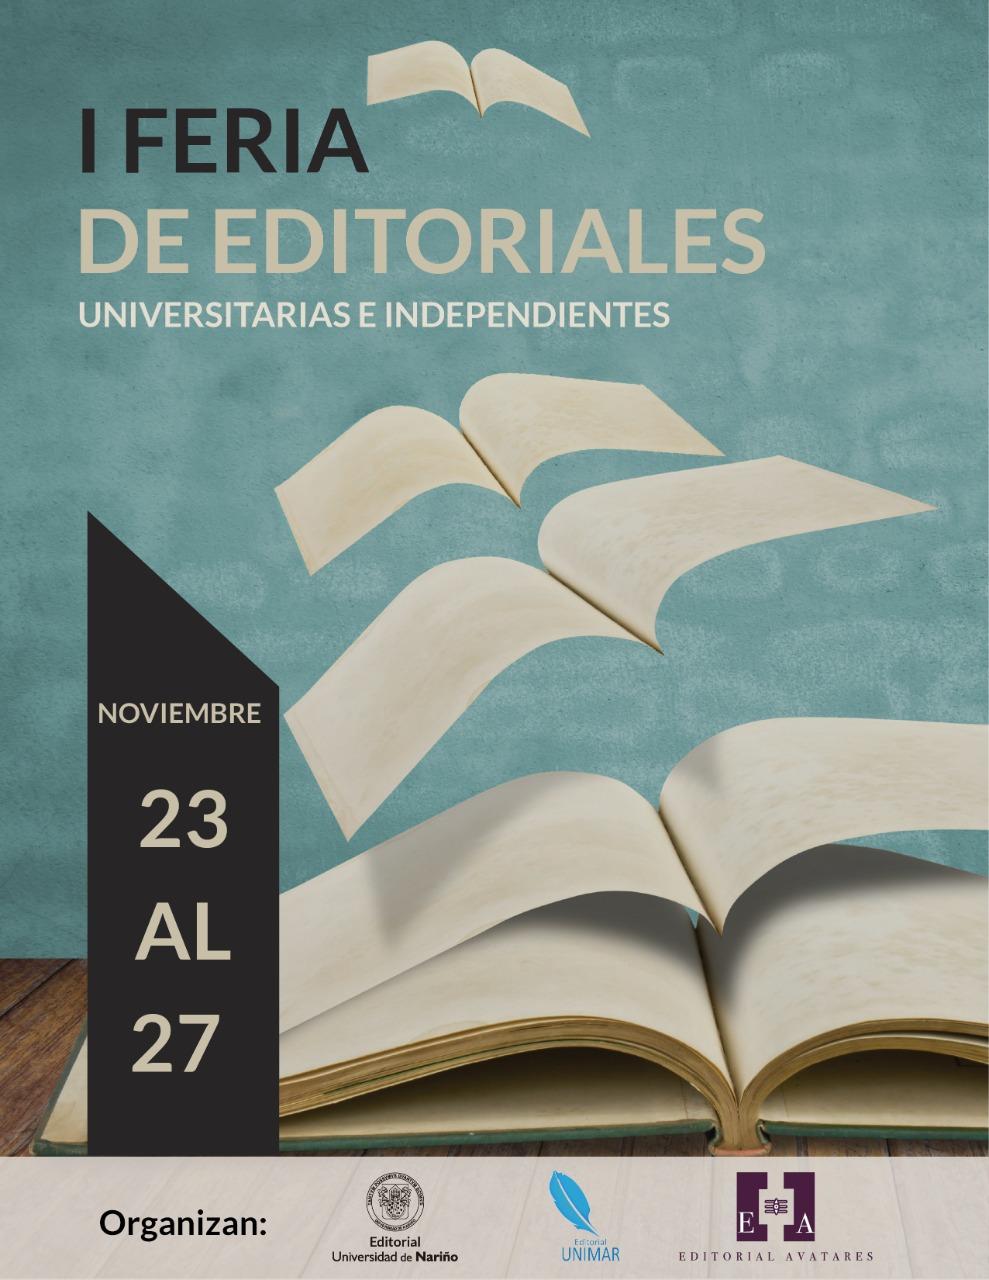 Primera Feria de Editoriales Universitarias e Independientes